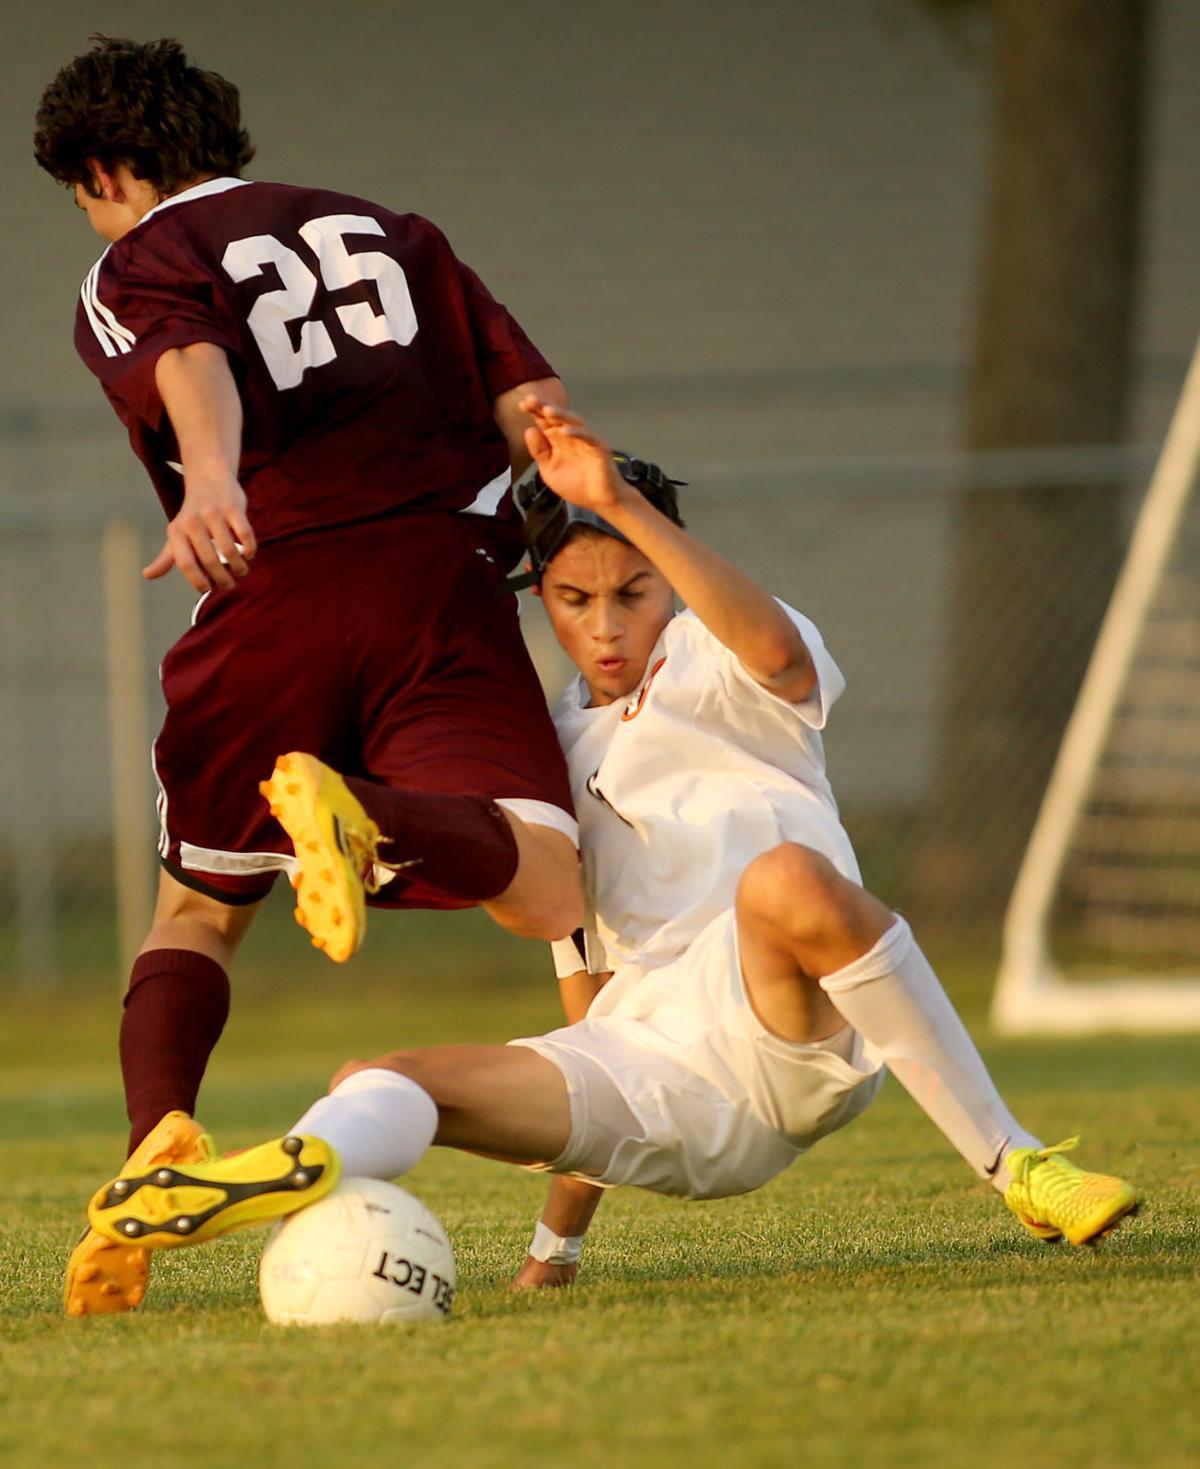 091217-UT-Moline-Boys Soccer-002